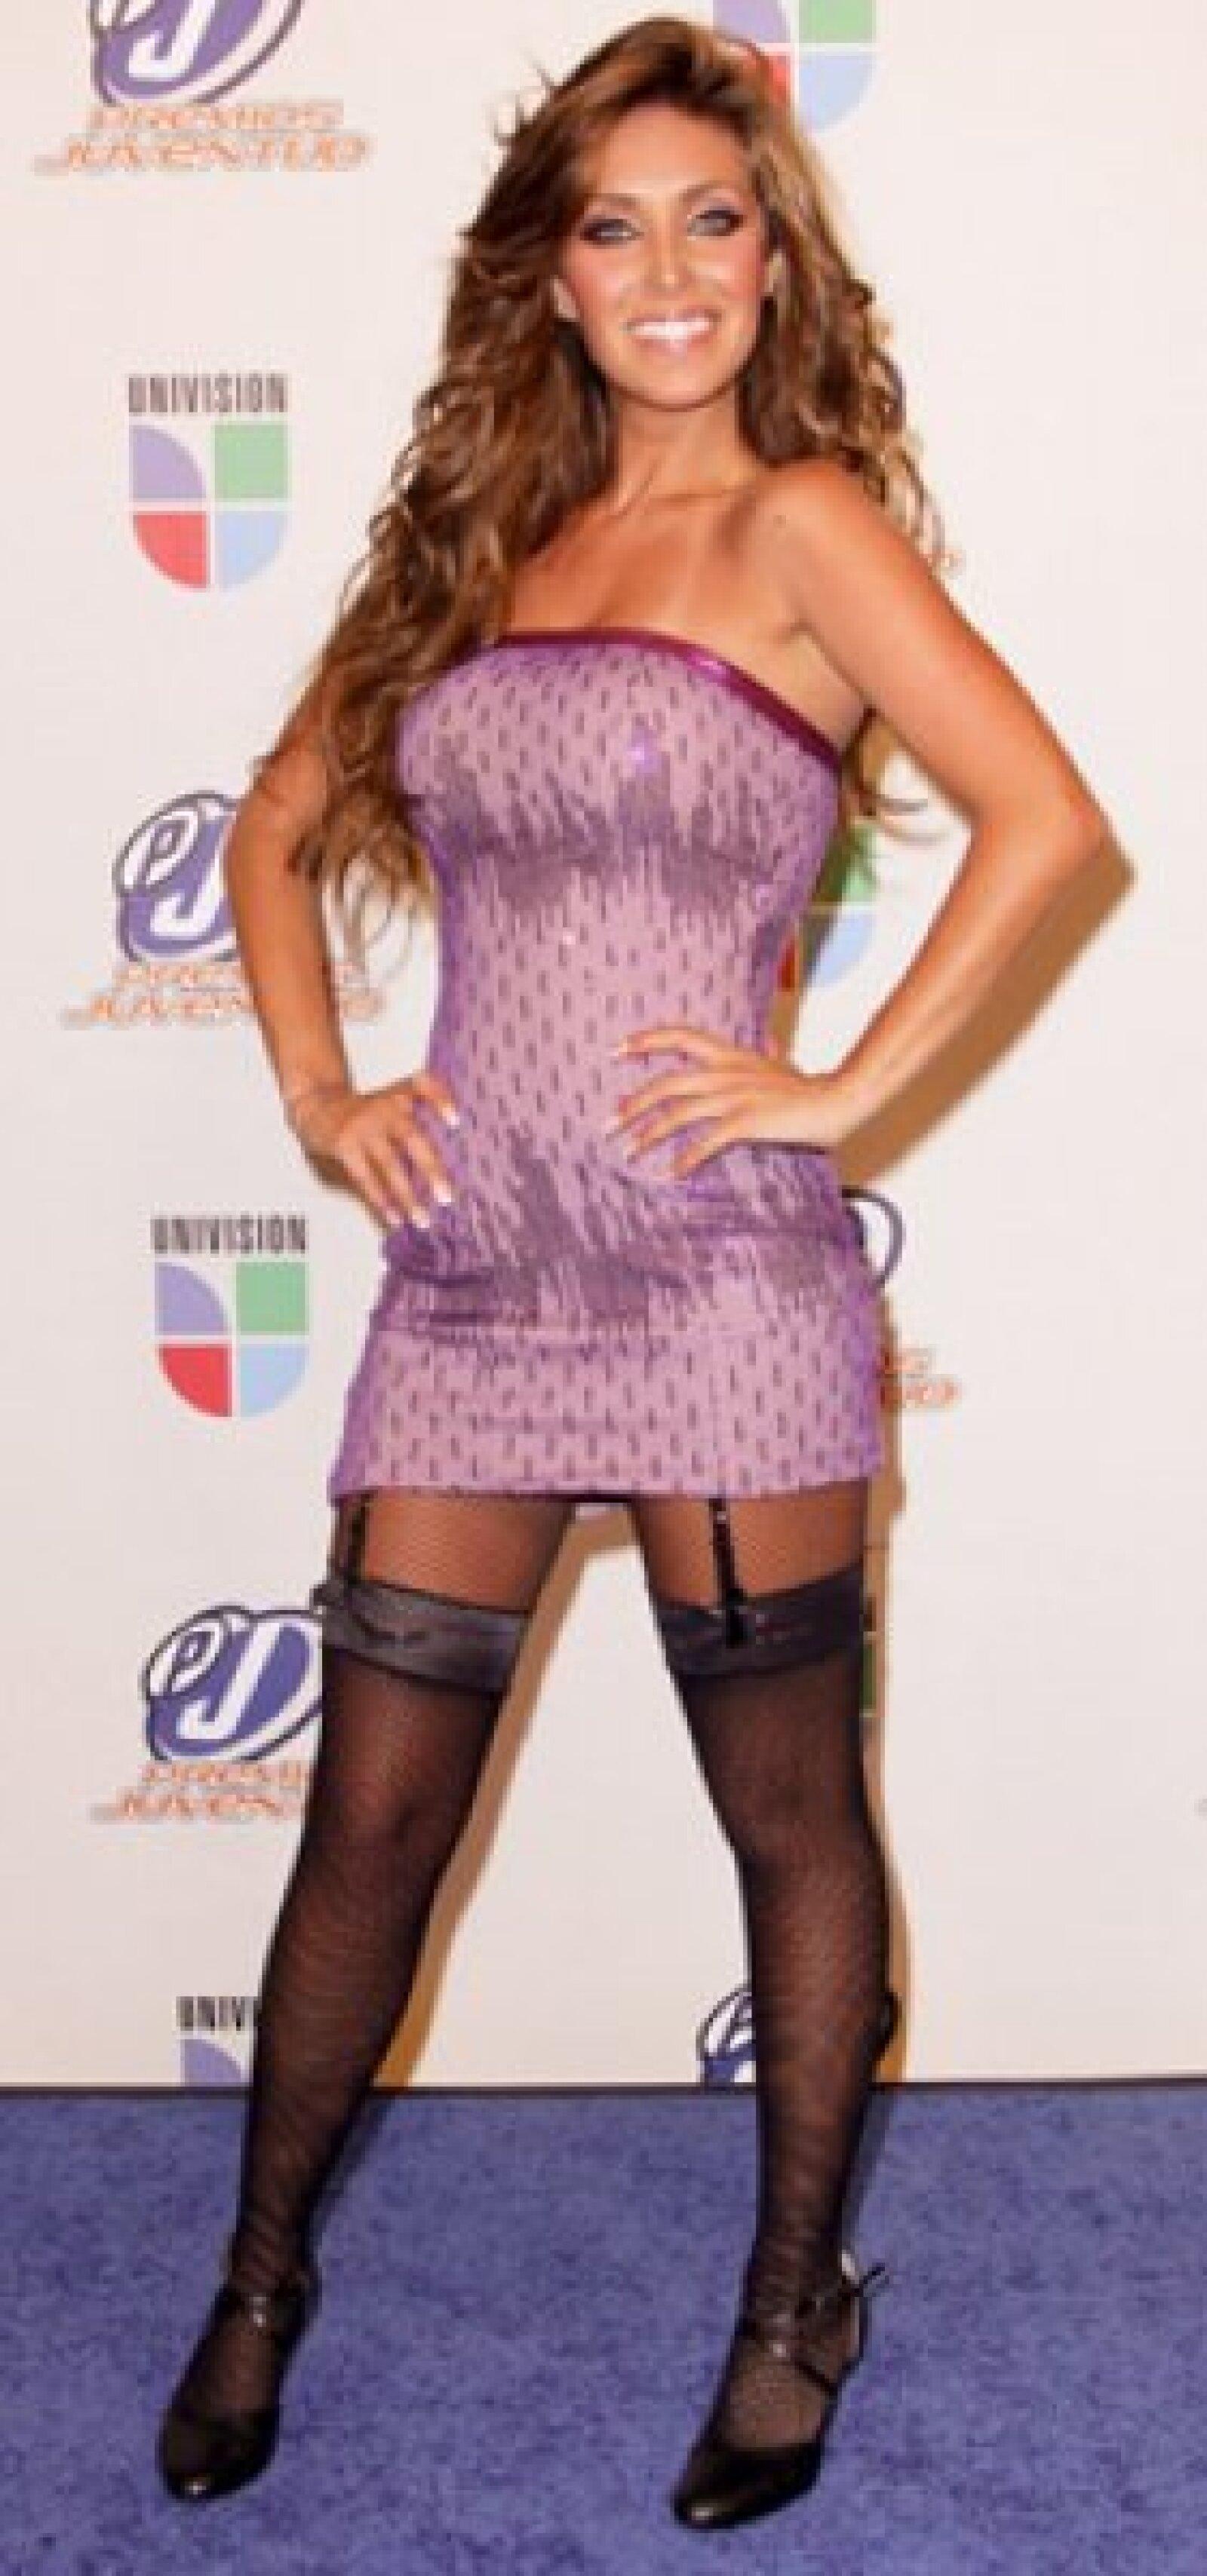 Además de ser la primera ex RBD en lanzarse como solista, Anahí trabajó con dos integrantes del grupo regiomontano Kinky en la creación de este nuevo álbum.